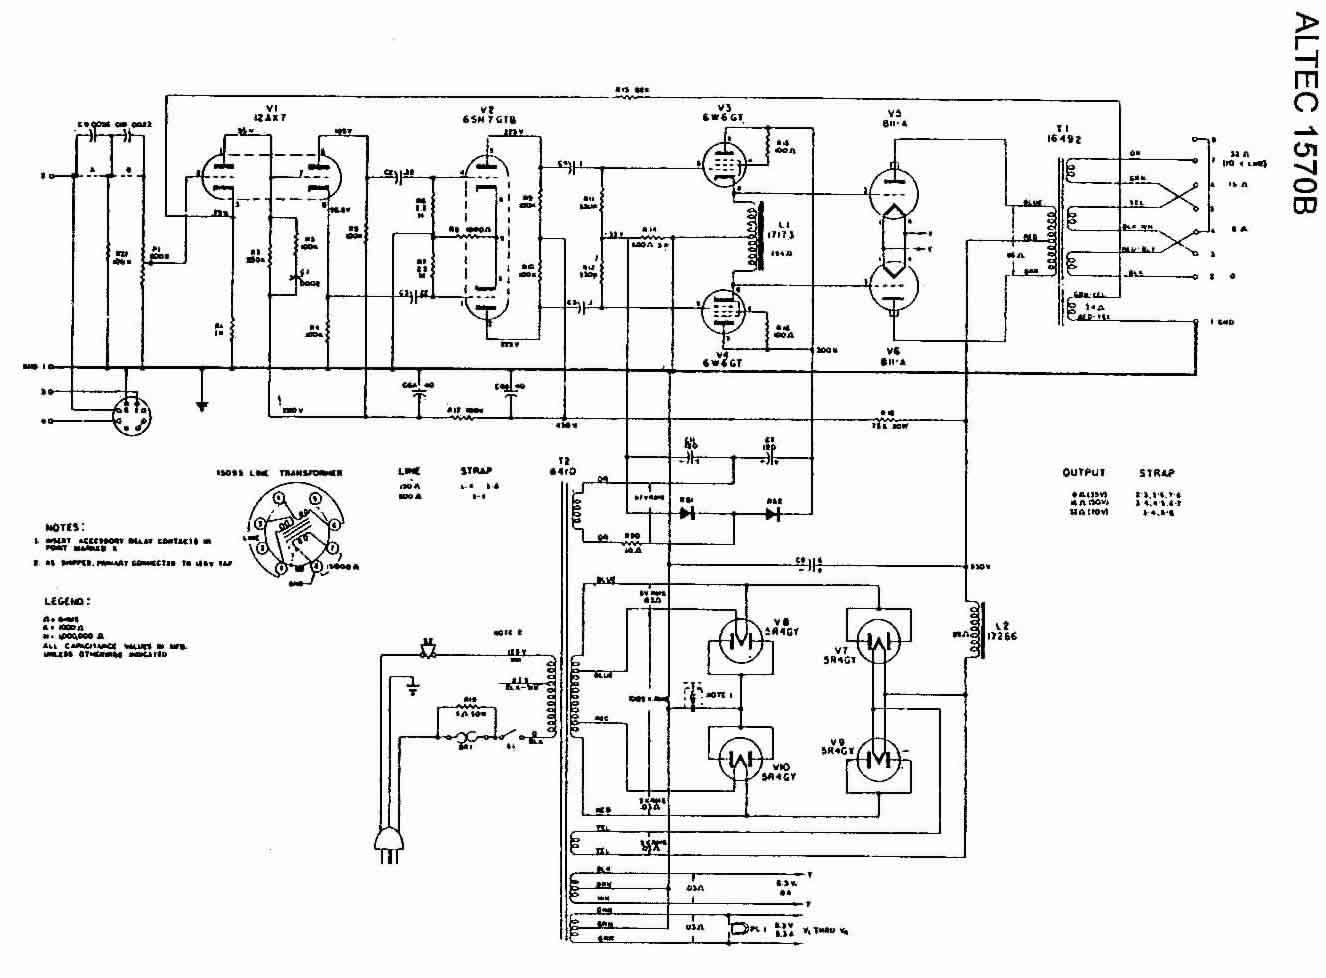 hight resolution of altec lansing gcs 100 wiring diagram wiring diagramt wiring diagram altec best wiring libraryschematic altec lansing